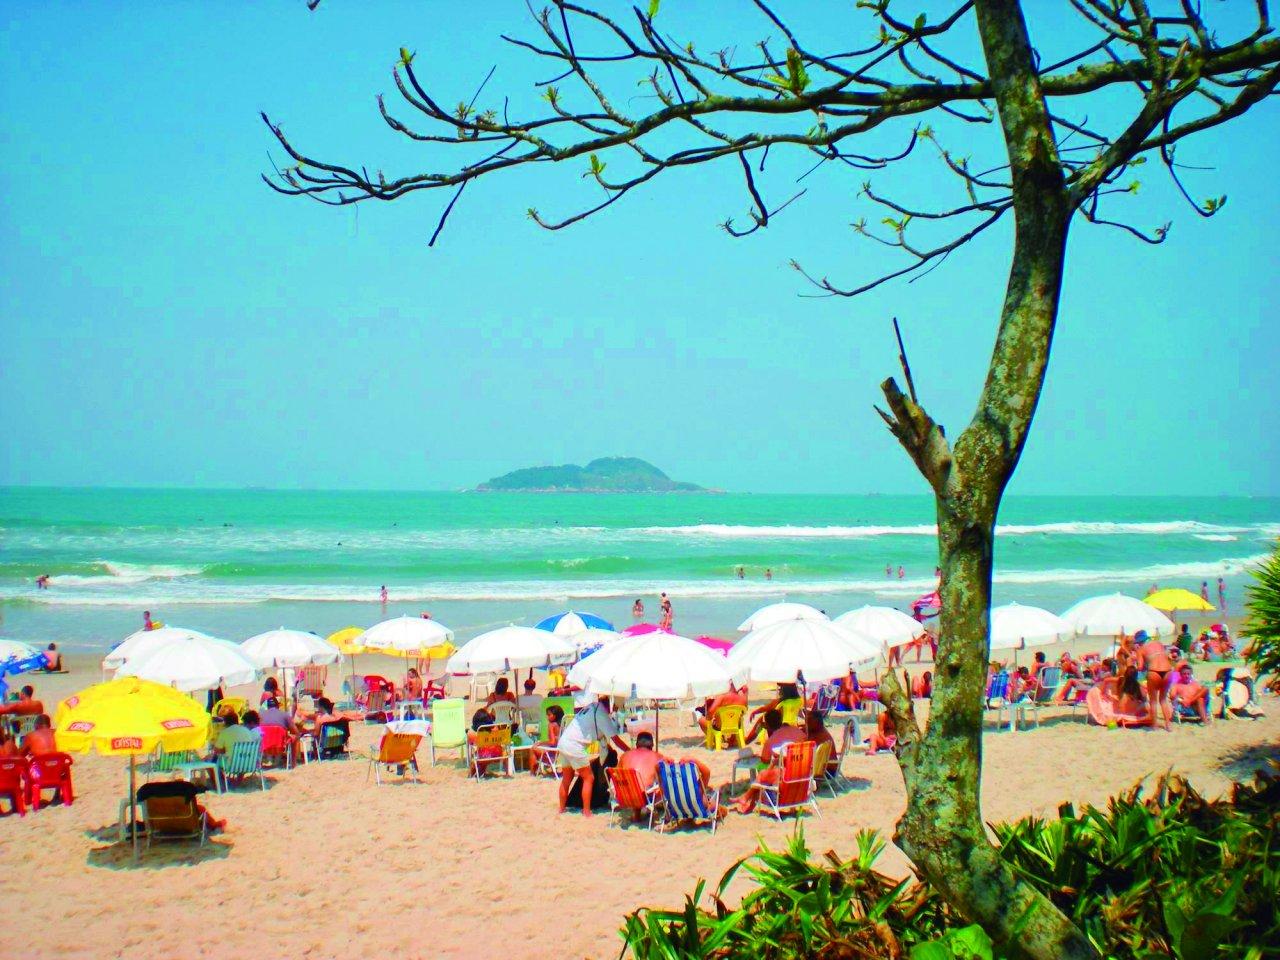 praia-1280x960.jpg